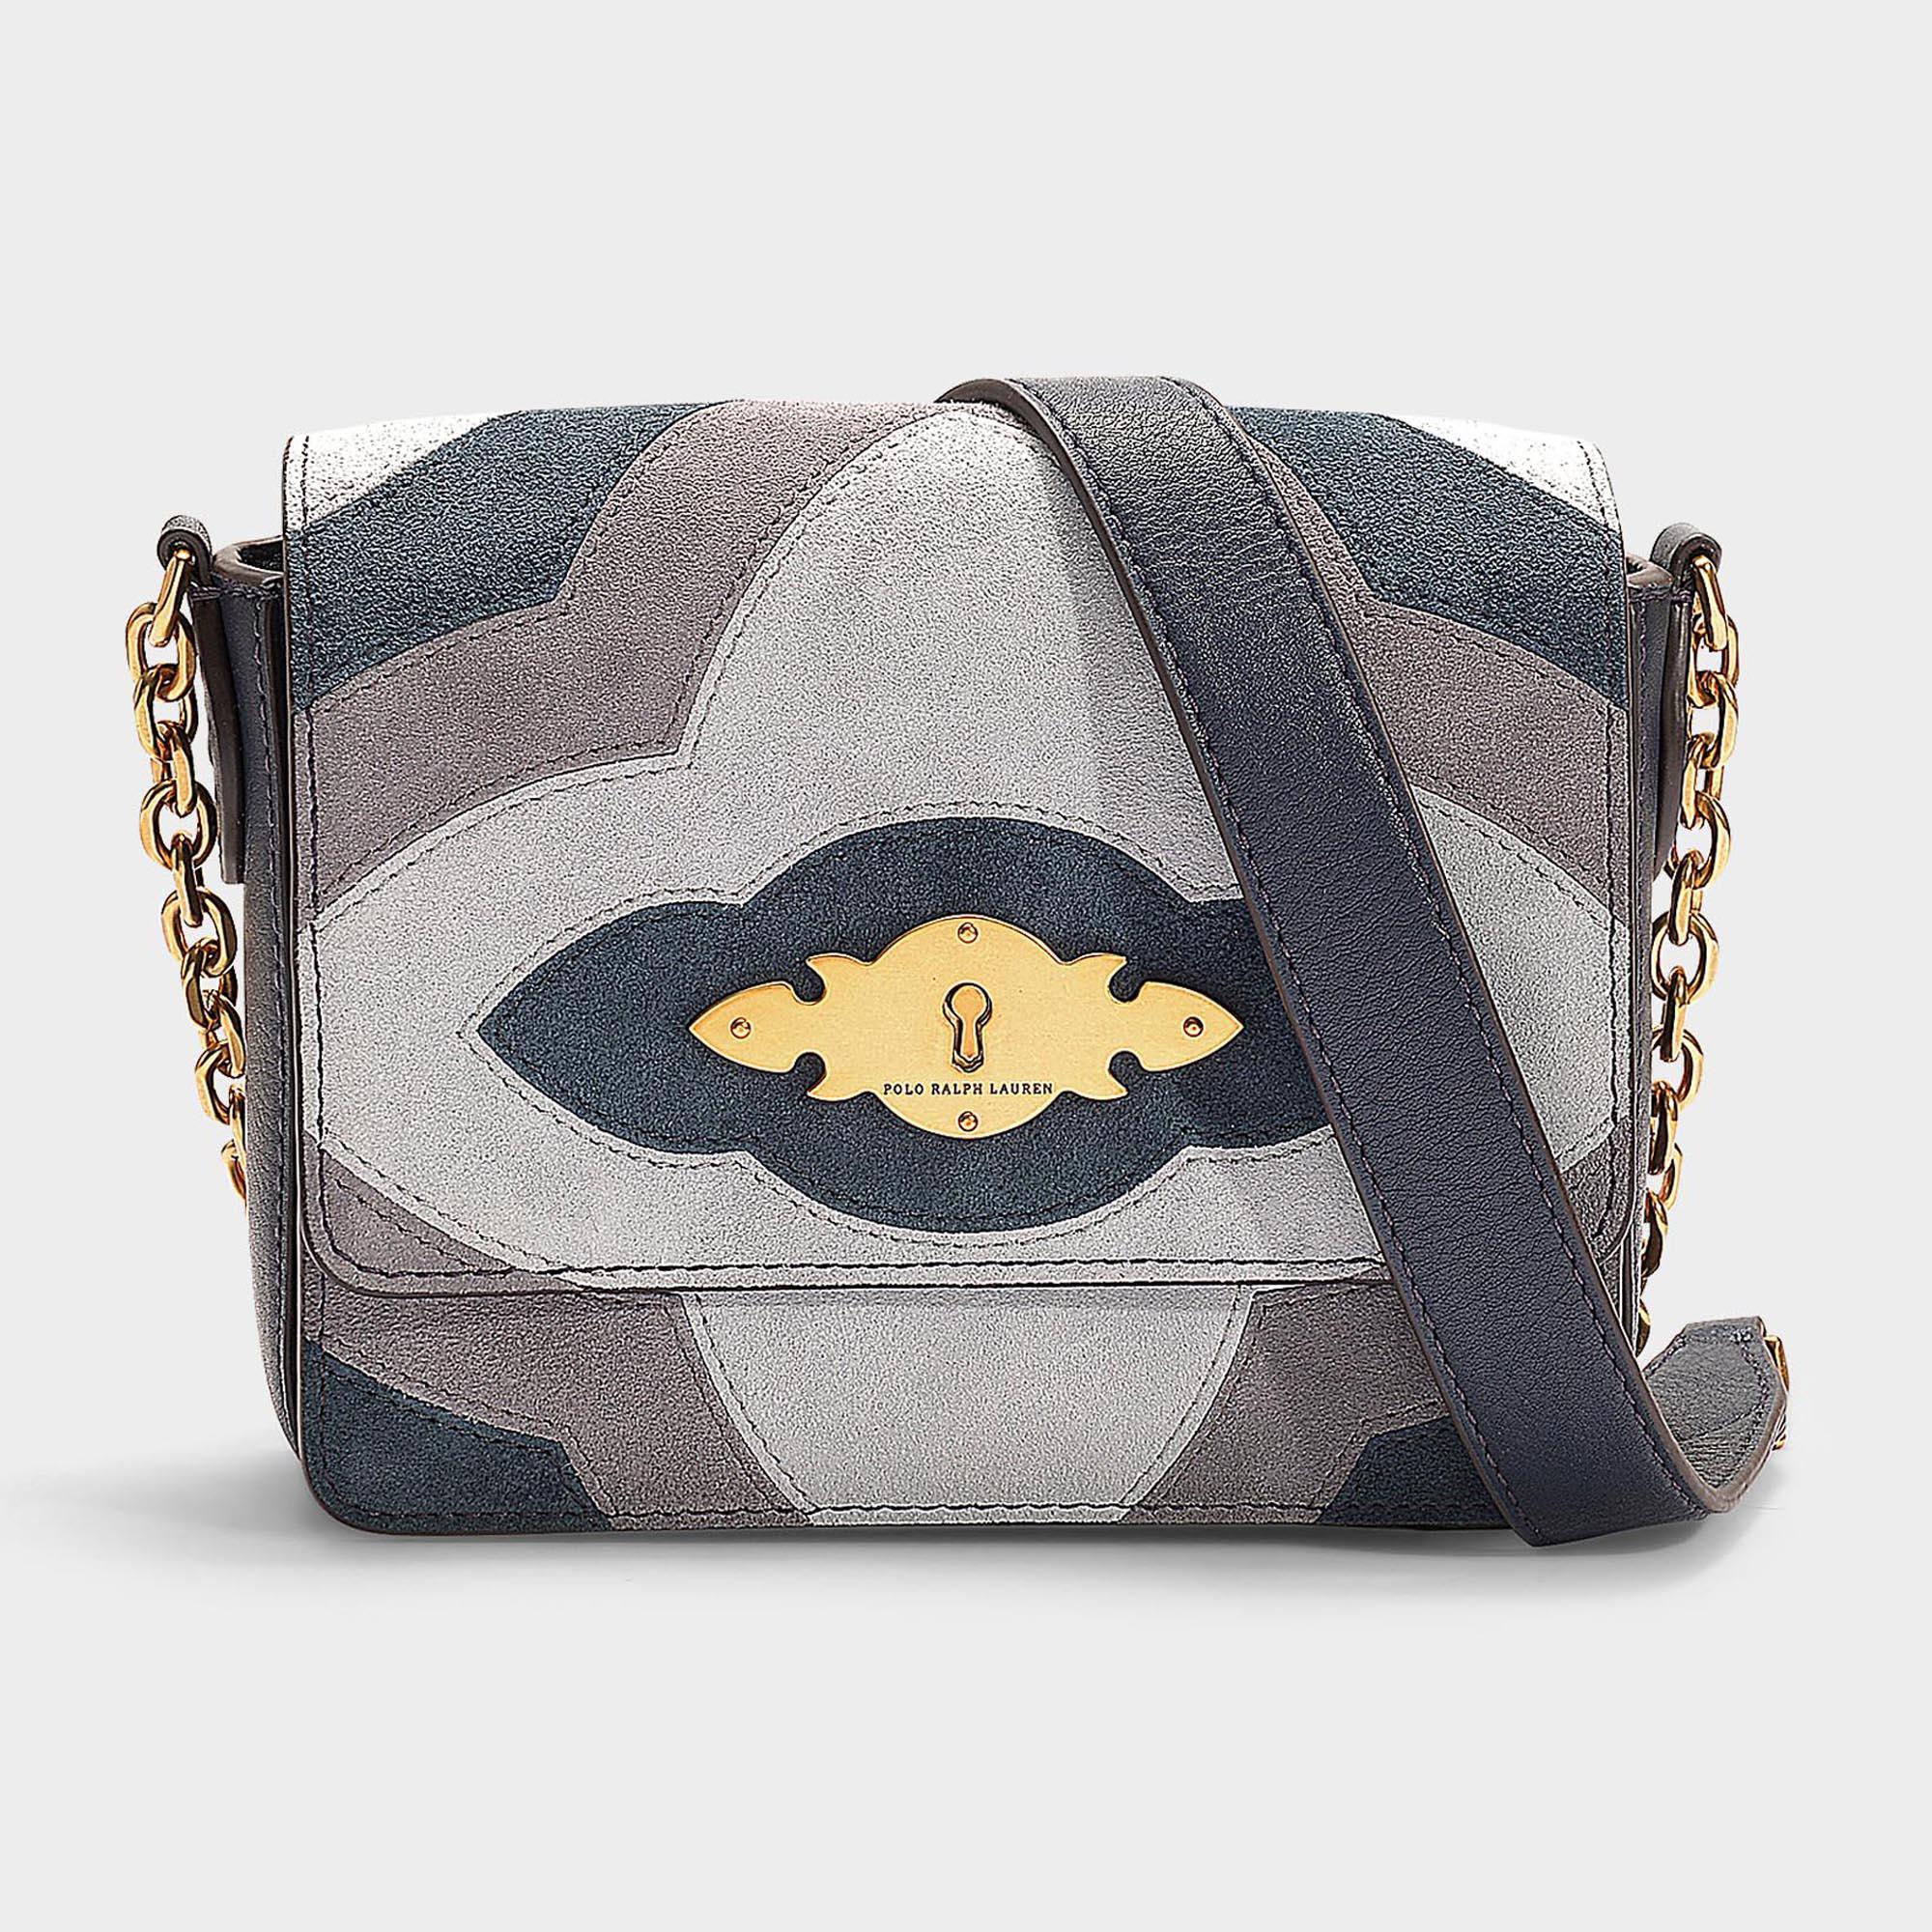 796b92a1dfbdd Lyst - Petit sac à main porté travers brooke en cuir de veau bleu ...